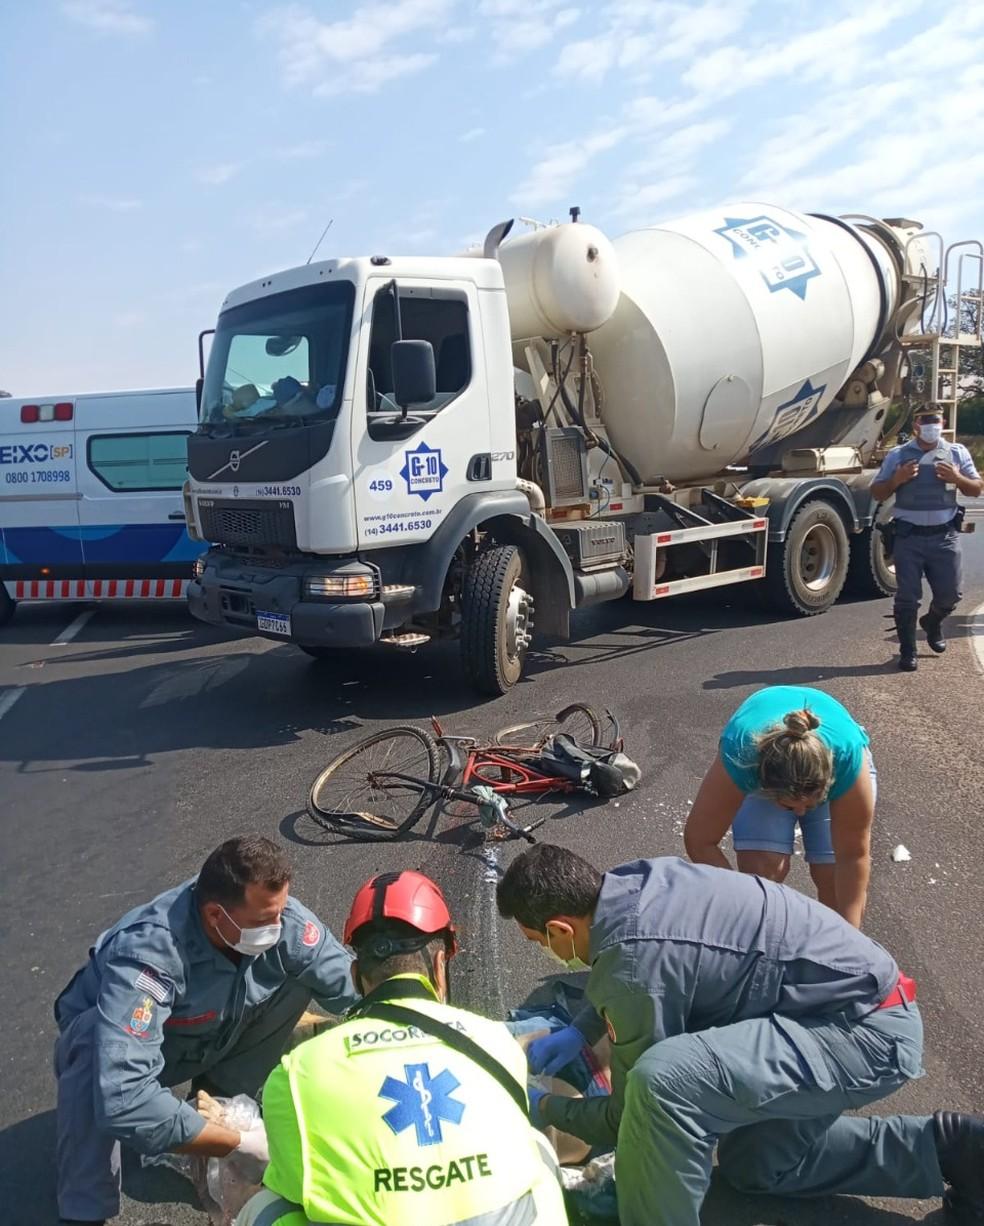 Idoso de 70 anos estava pedalando na mesma direção de um caminhão betoneira em Tupã, mas estava no ponto cego quando foi atingido — Foto: Divulga Tupã/ Divulgação